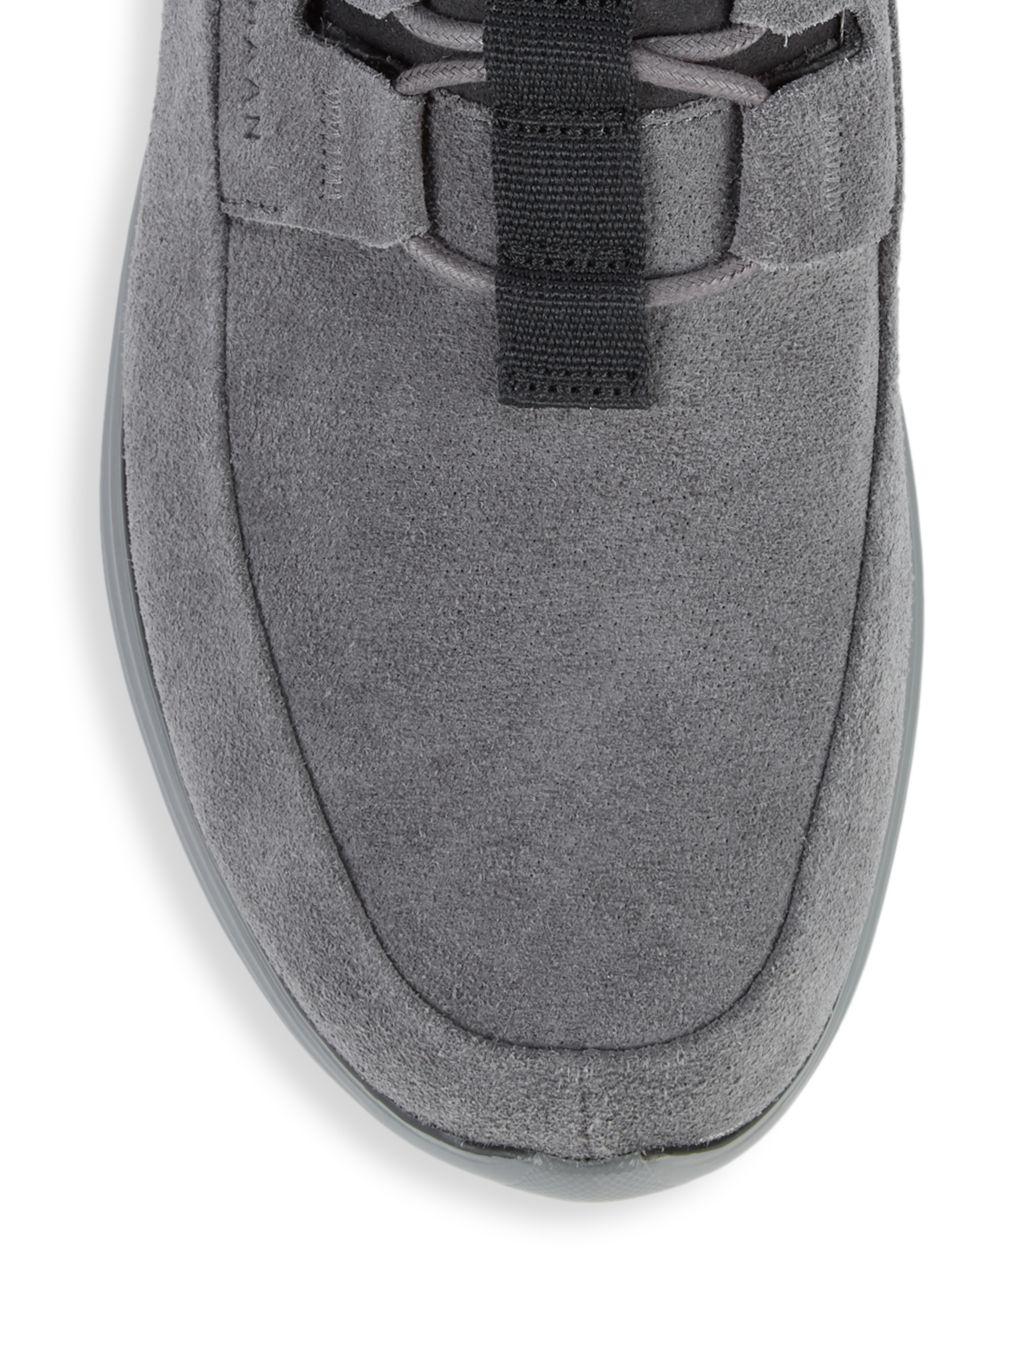 Cole Haan GrandSport Suede Sneakers